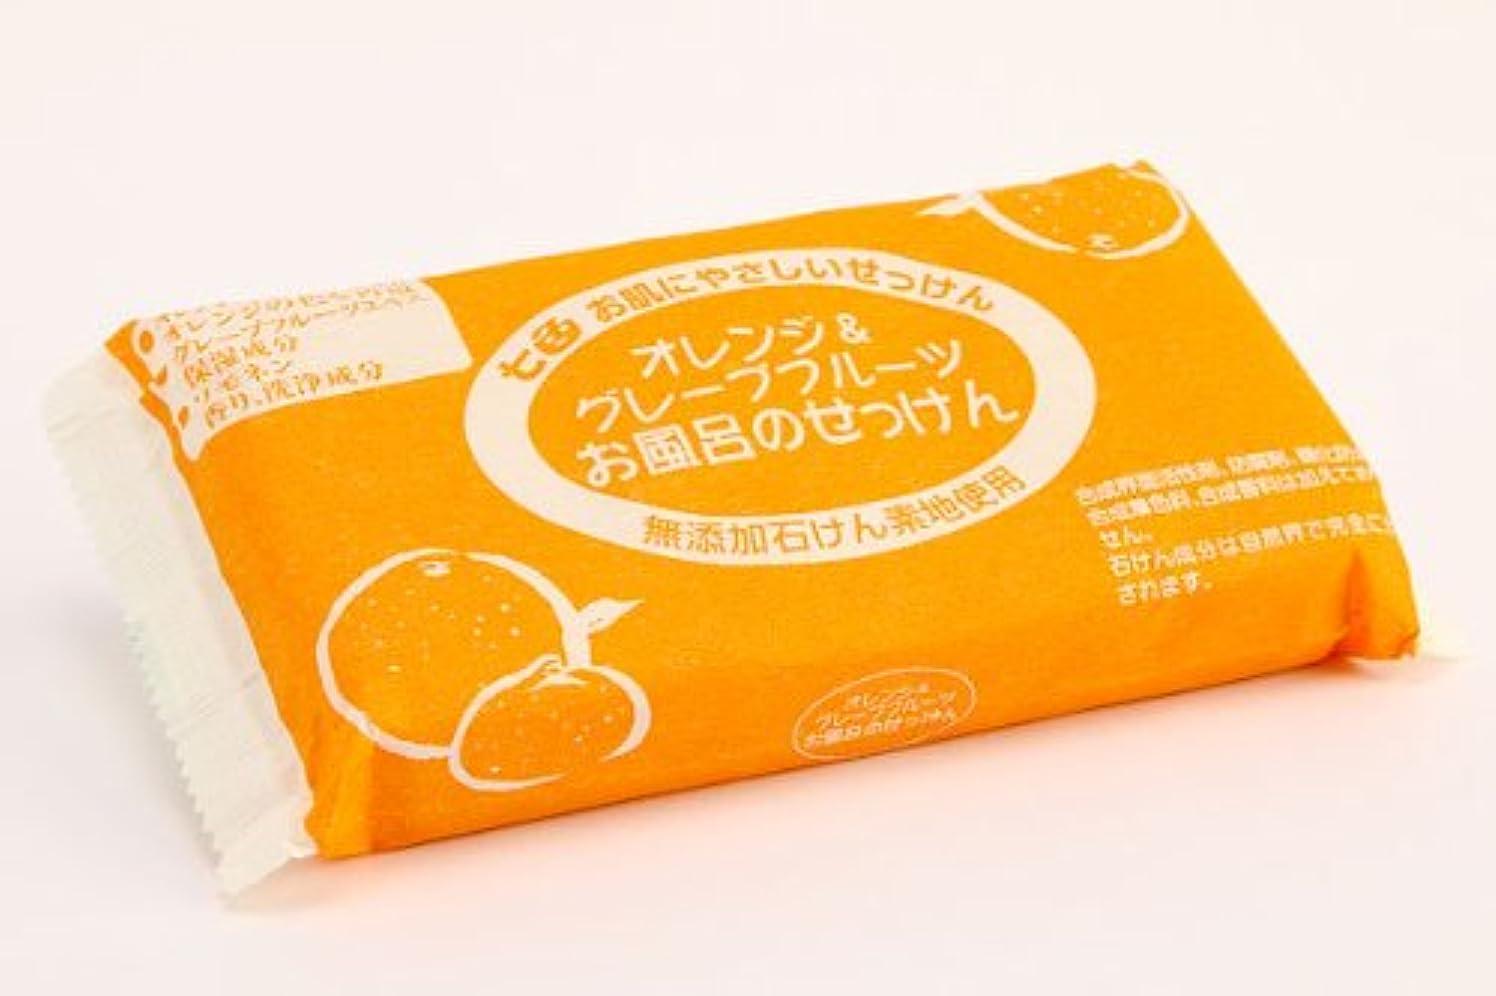 提出するオーナー財団まるは油脂化学 七色石けん オレンジ&グレープフルーツお風呂の石けん3P 100g×3個パック